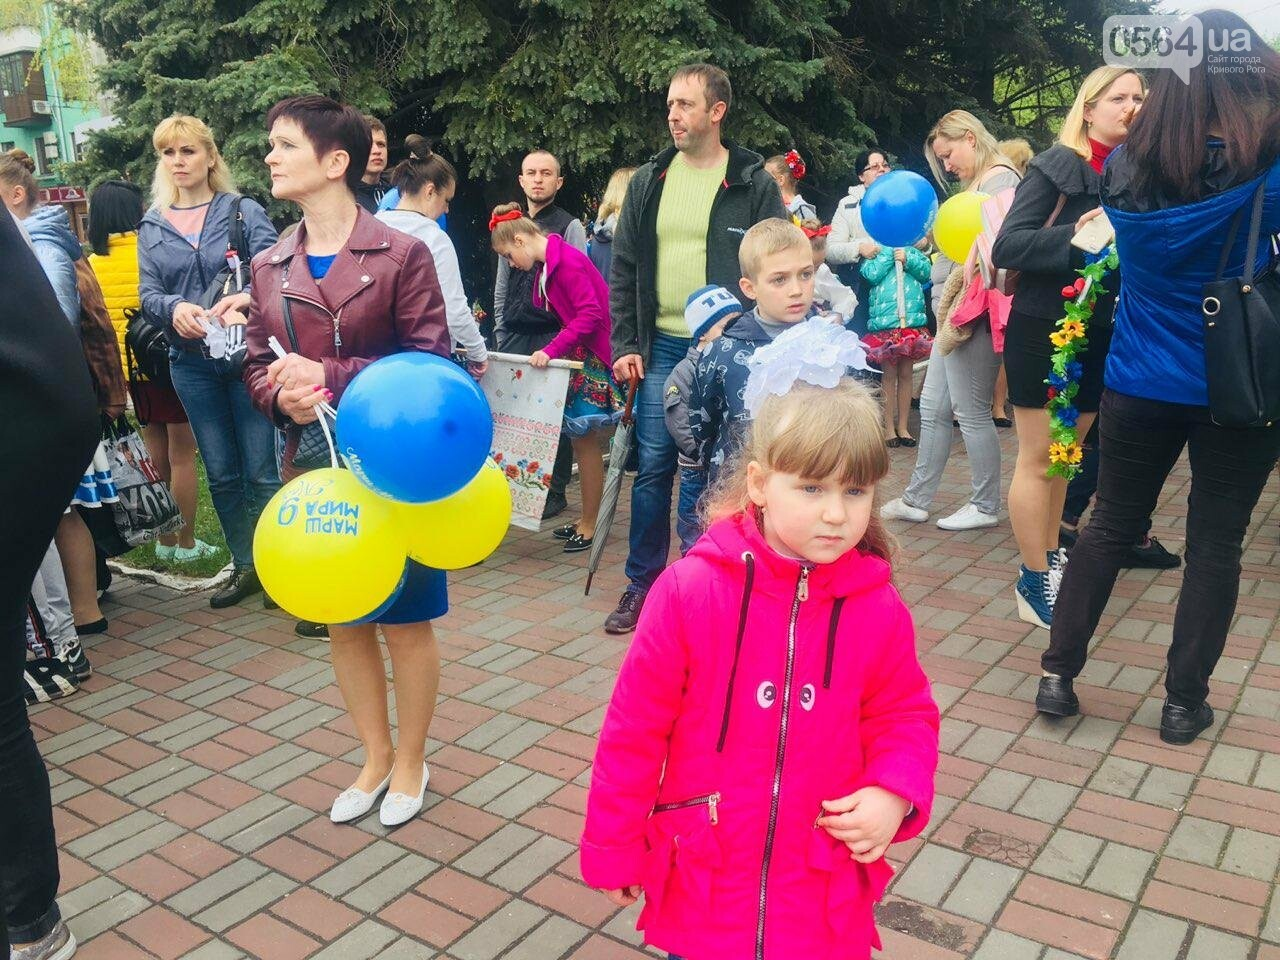 """9 мая в Кривом Роге: """"Марш мира"""" в Покровском районе стал самым массовым мероприятием, - ФОТО, фото-7"""